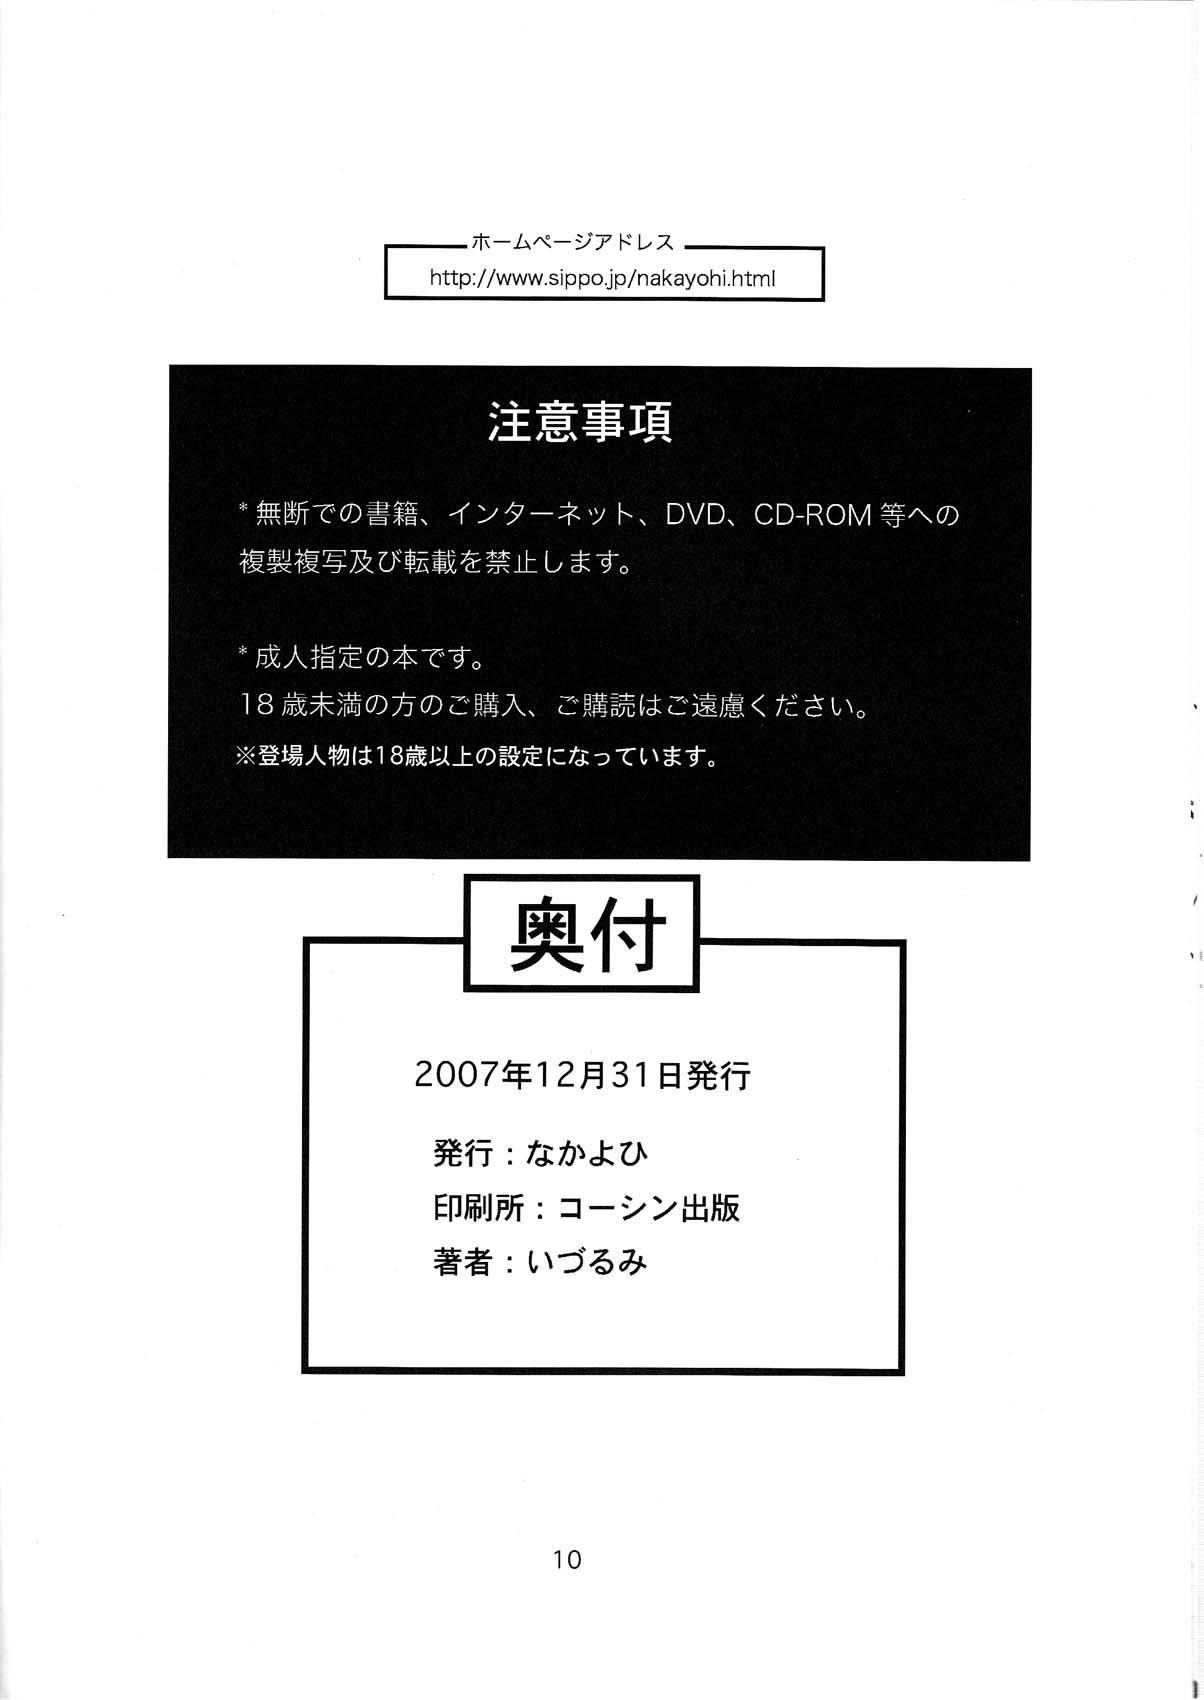 2007 Fuyu Comi Omake Bon 10